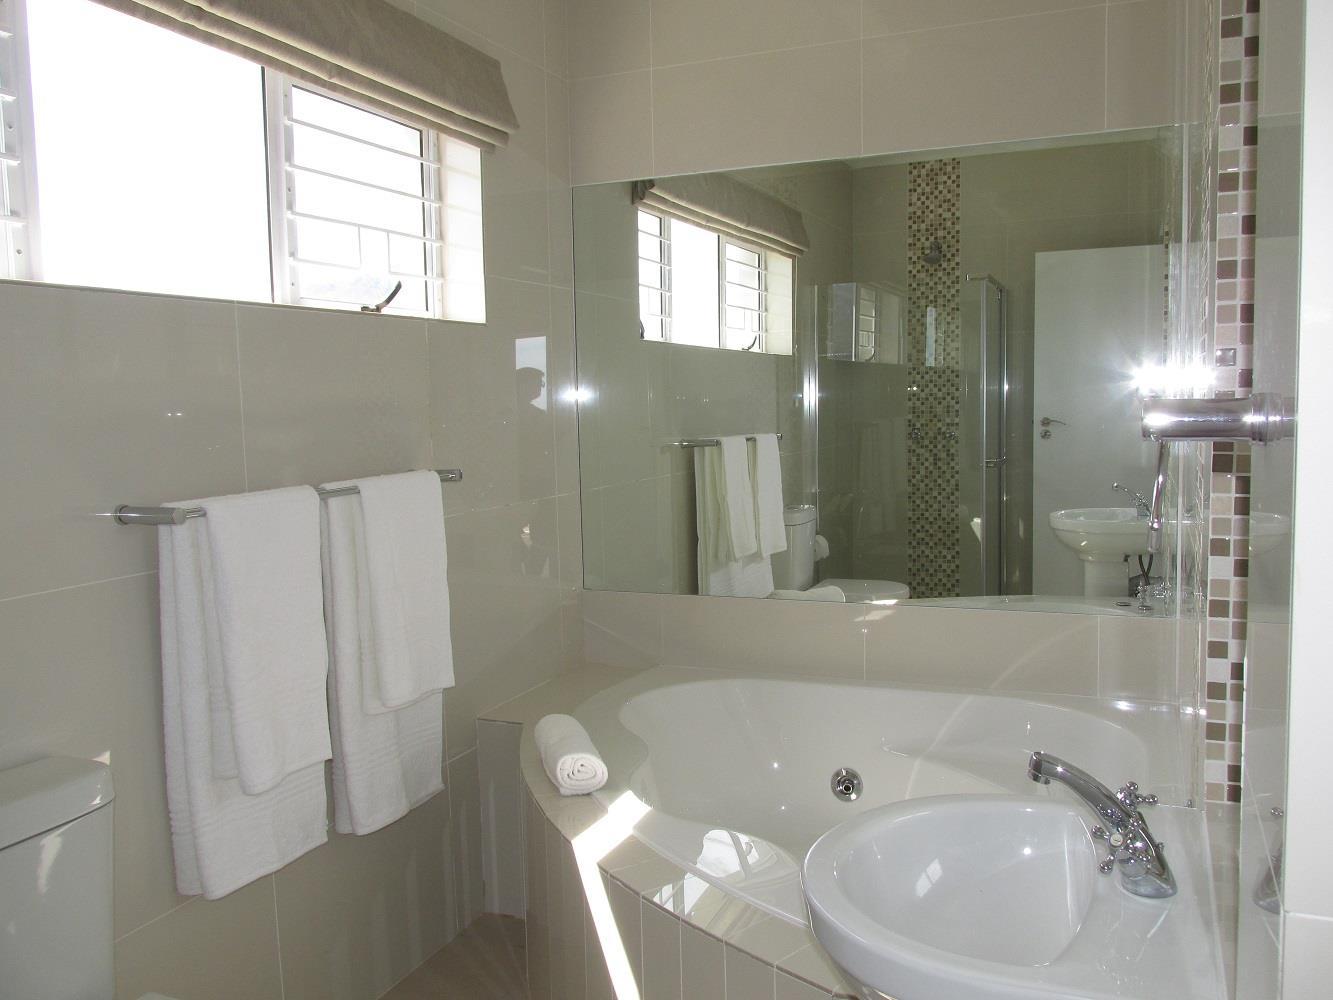 7 Bedroom House For Sale in Pringle Bay